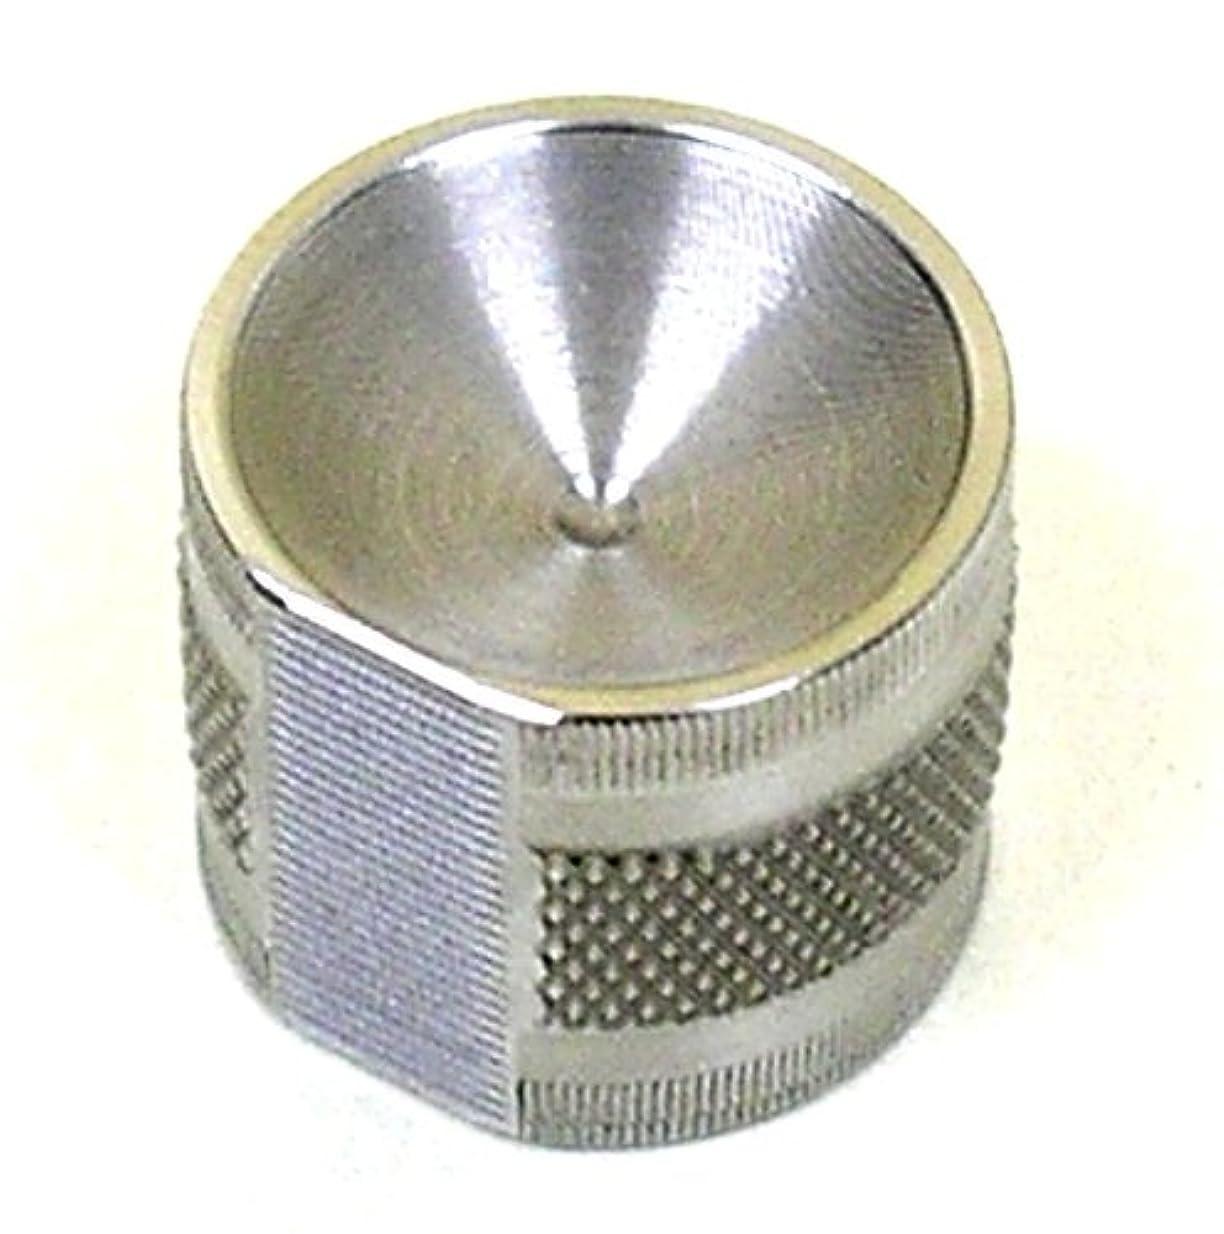 進捗追跡反毒コロコロとげーる ネイルお手入れ用 ステンレス製 すり鉢型 万能爪やすり (ラメなし)